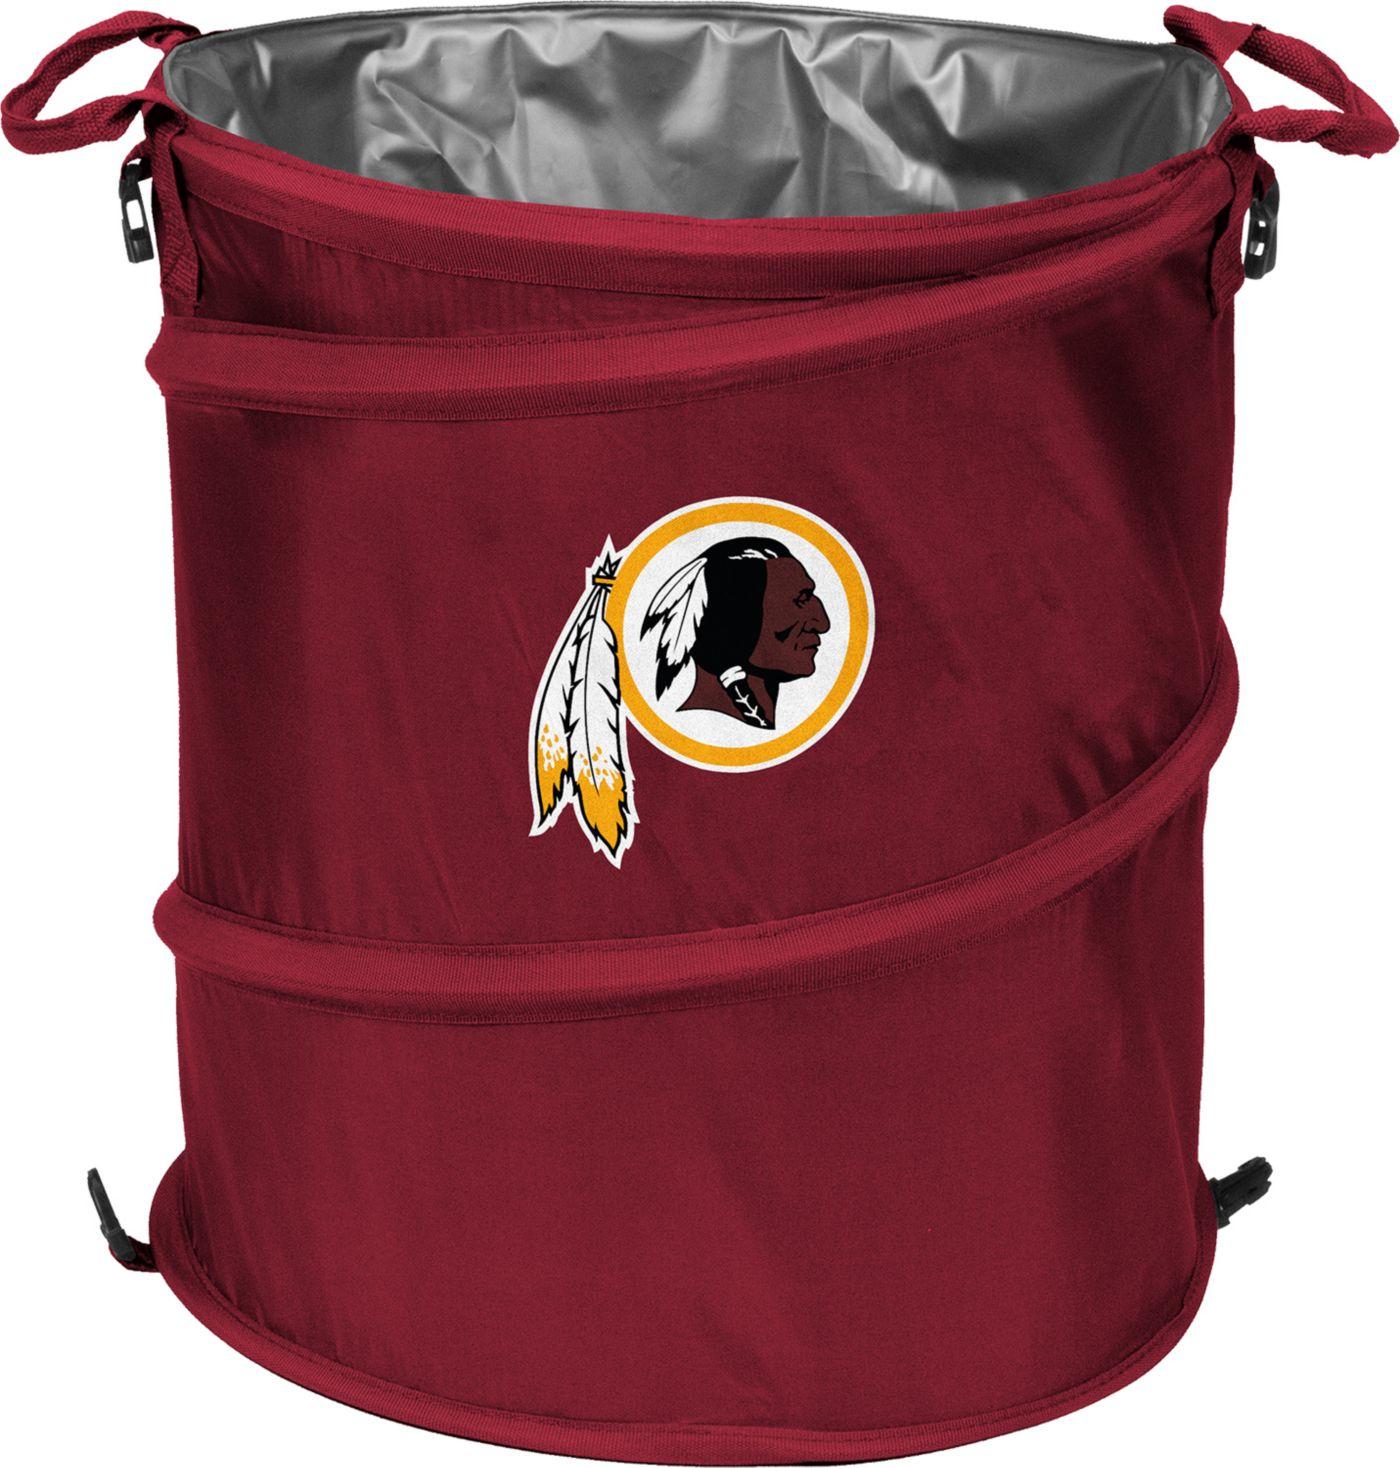 Washington Redskins Trash Can Cooler